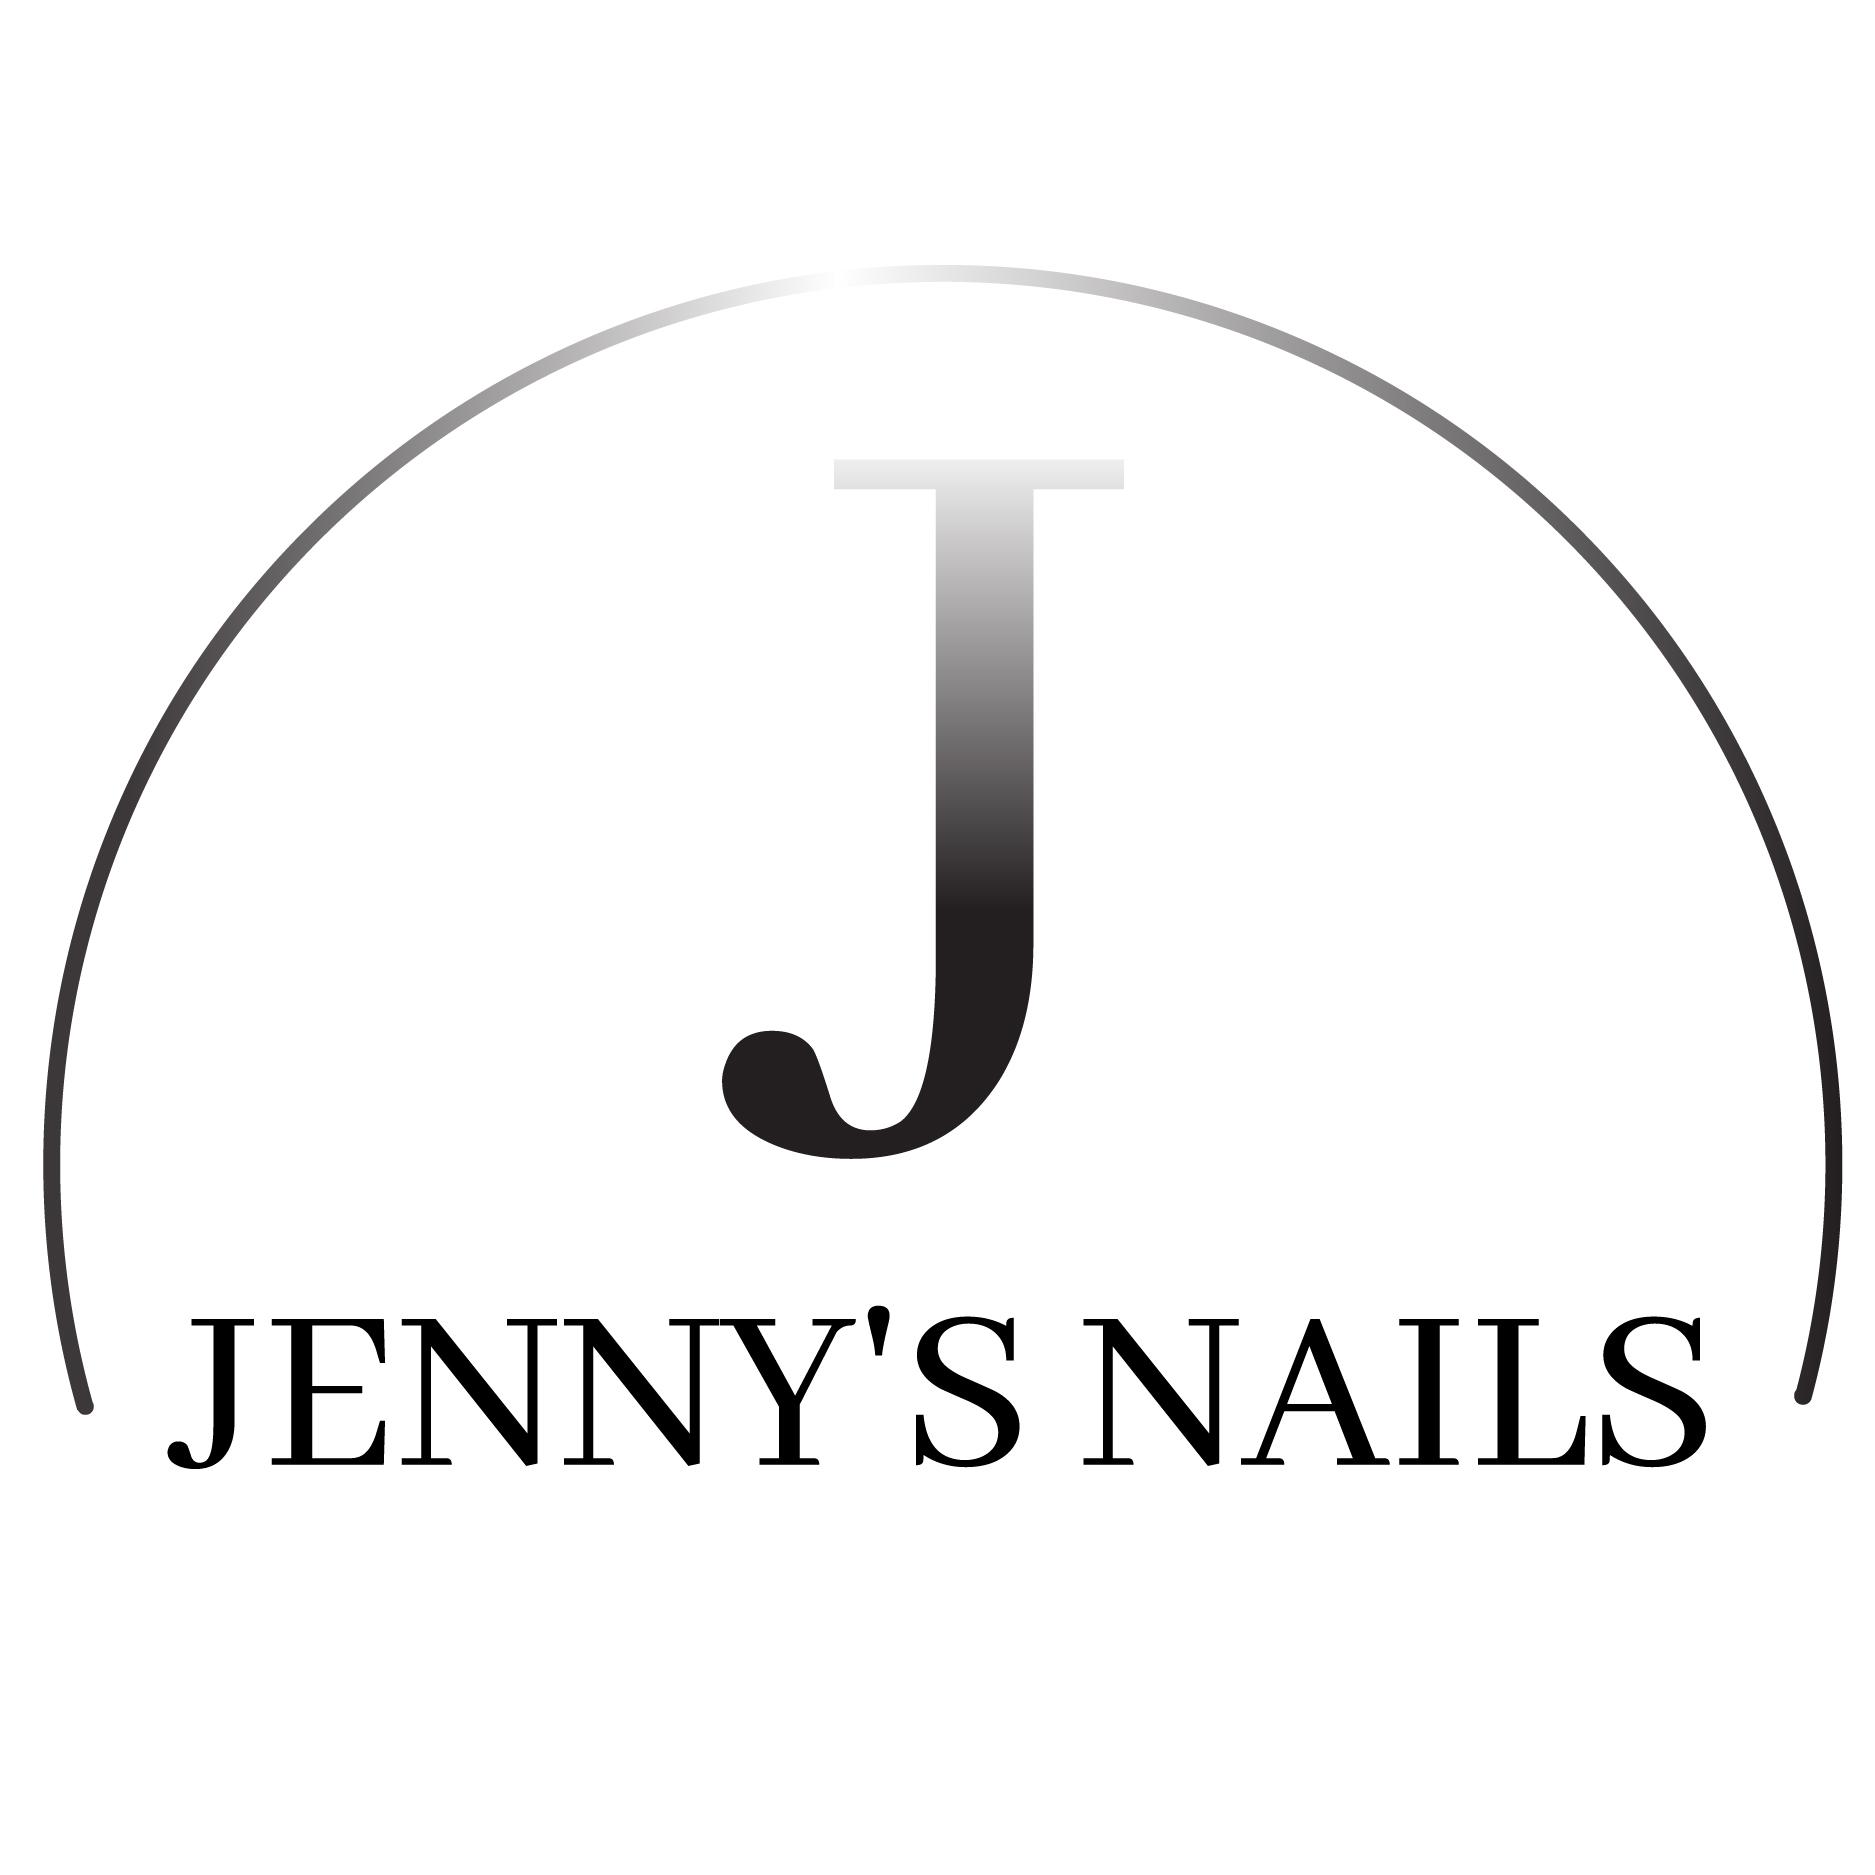 JENNY'S NAILS